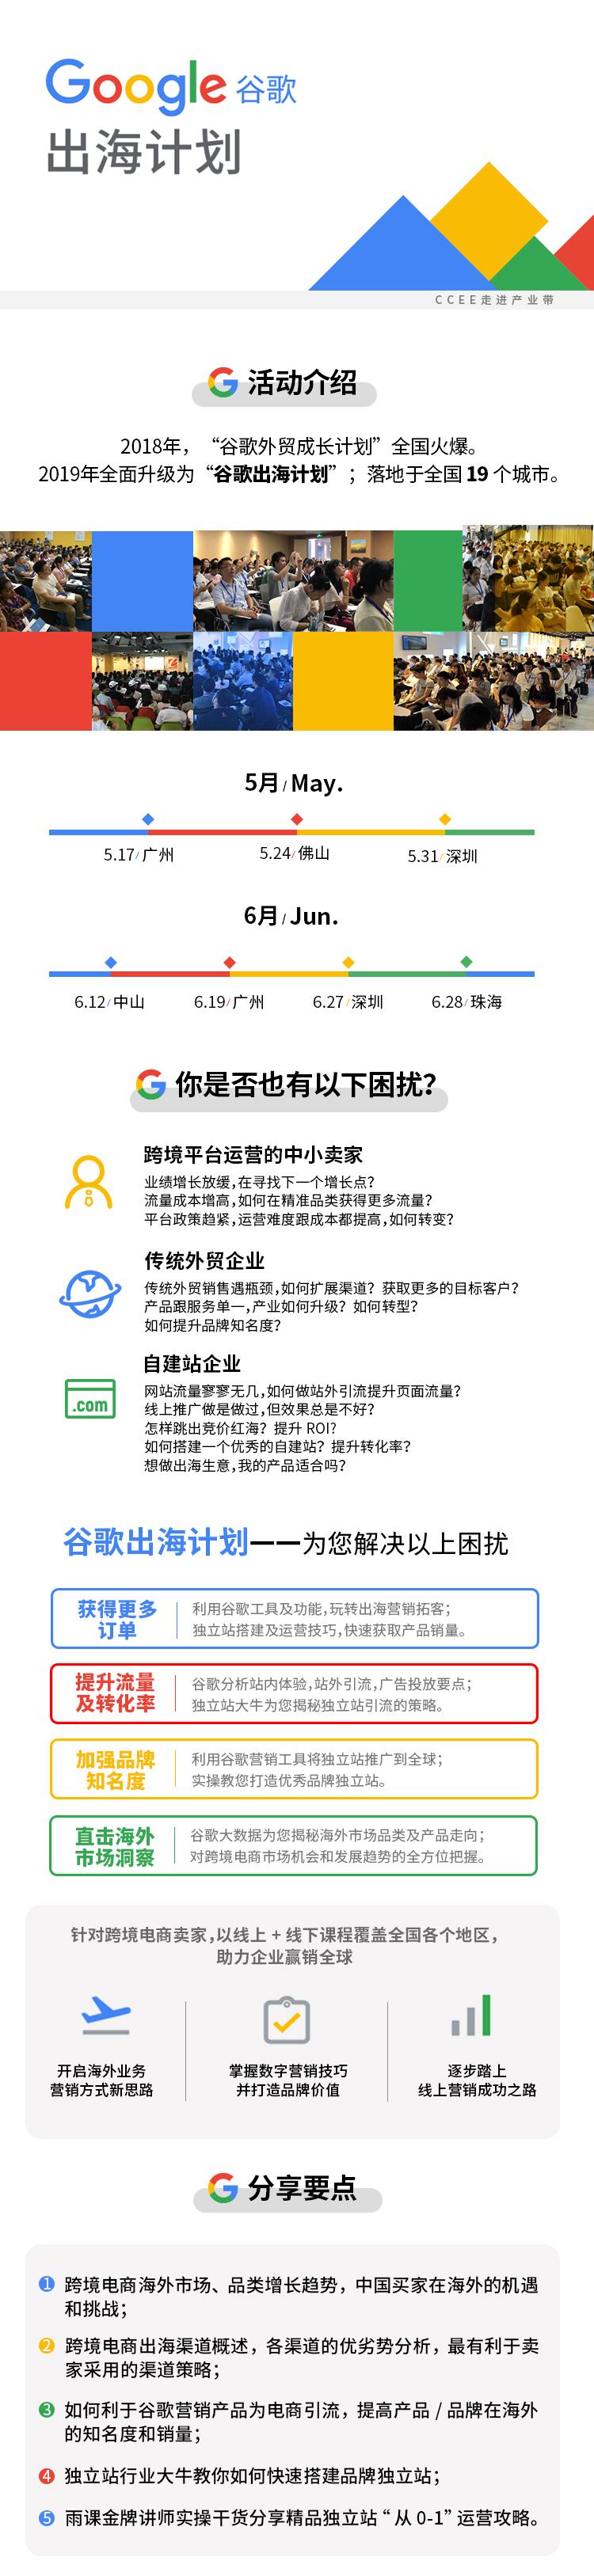 深圳刮起一场独立站风潮,短短3天报名人数超500人!